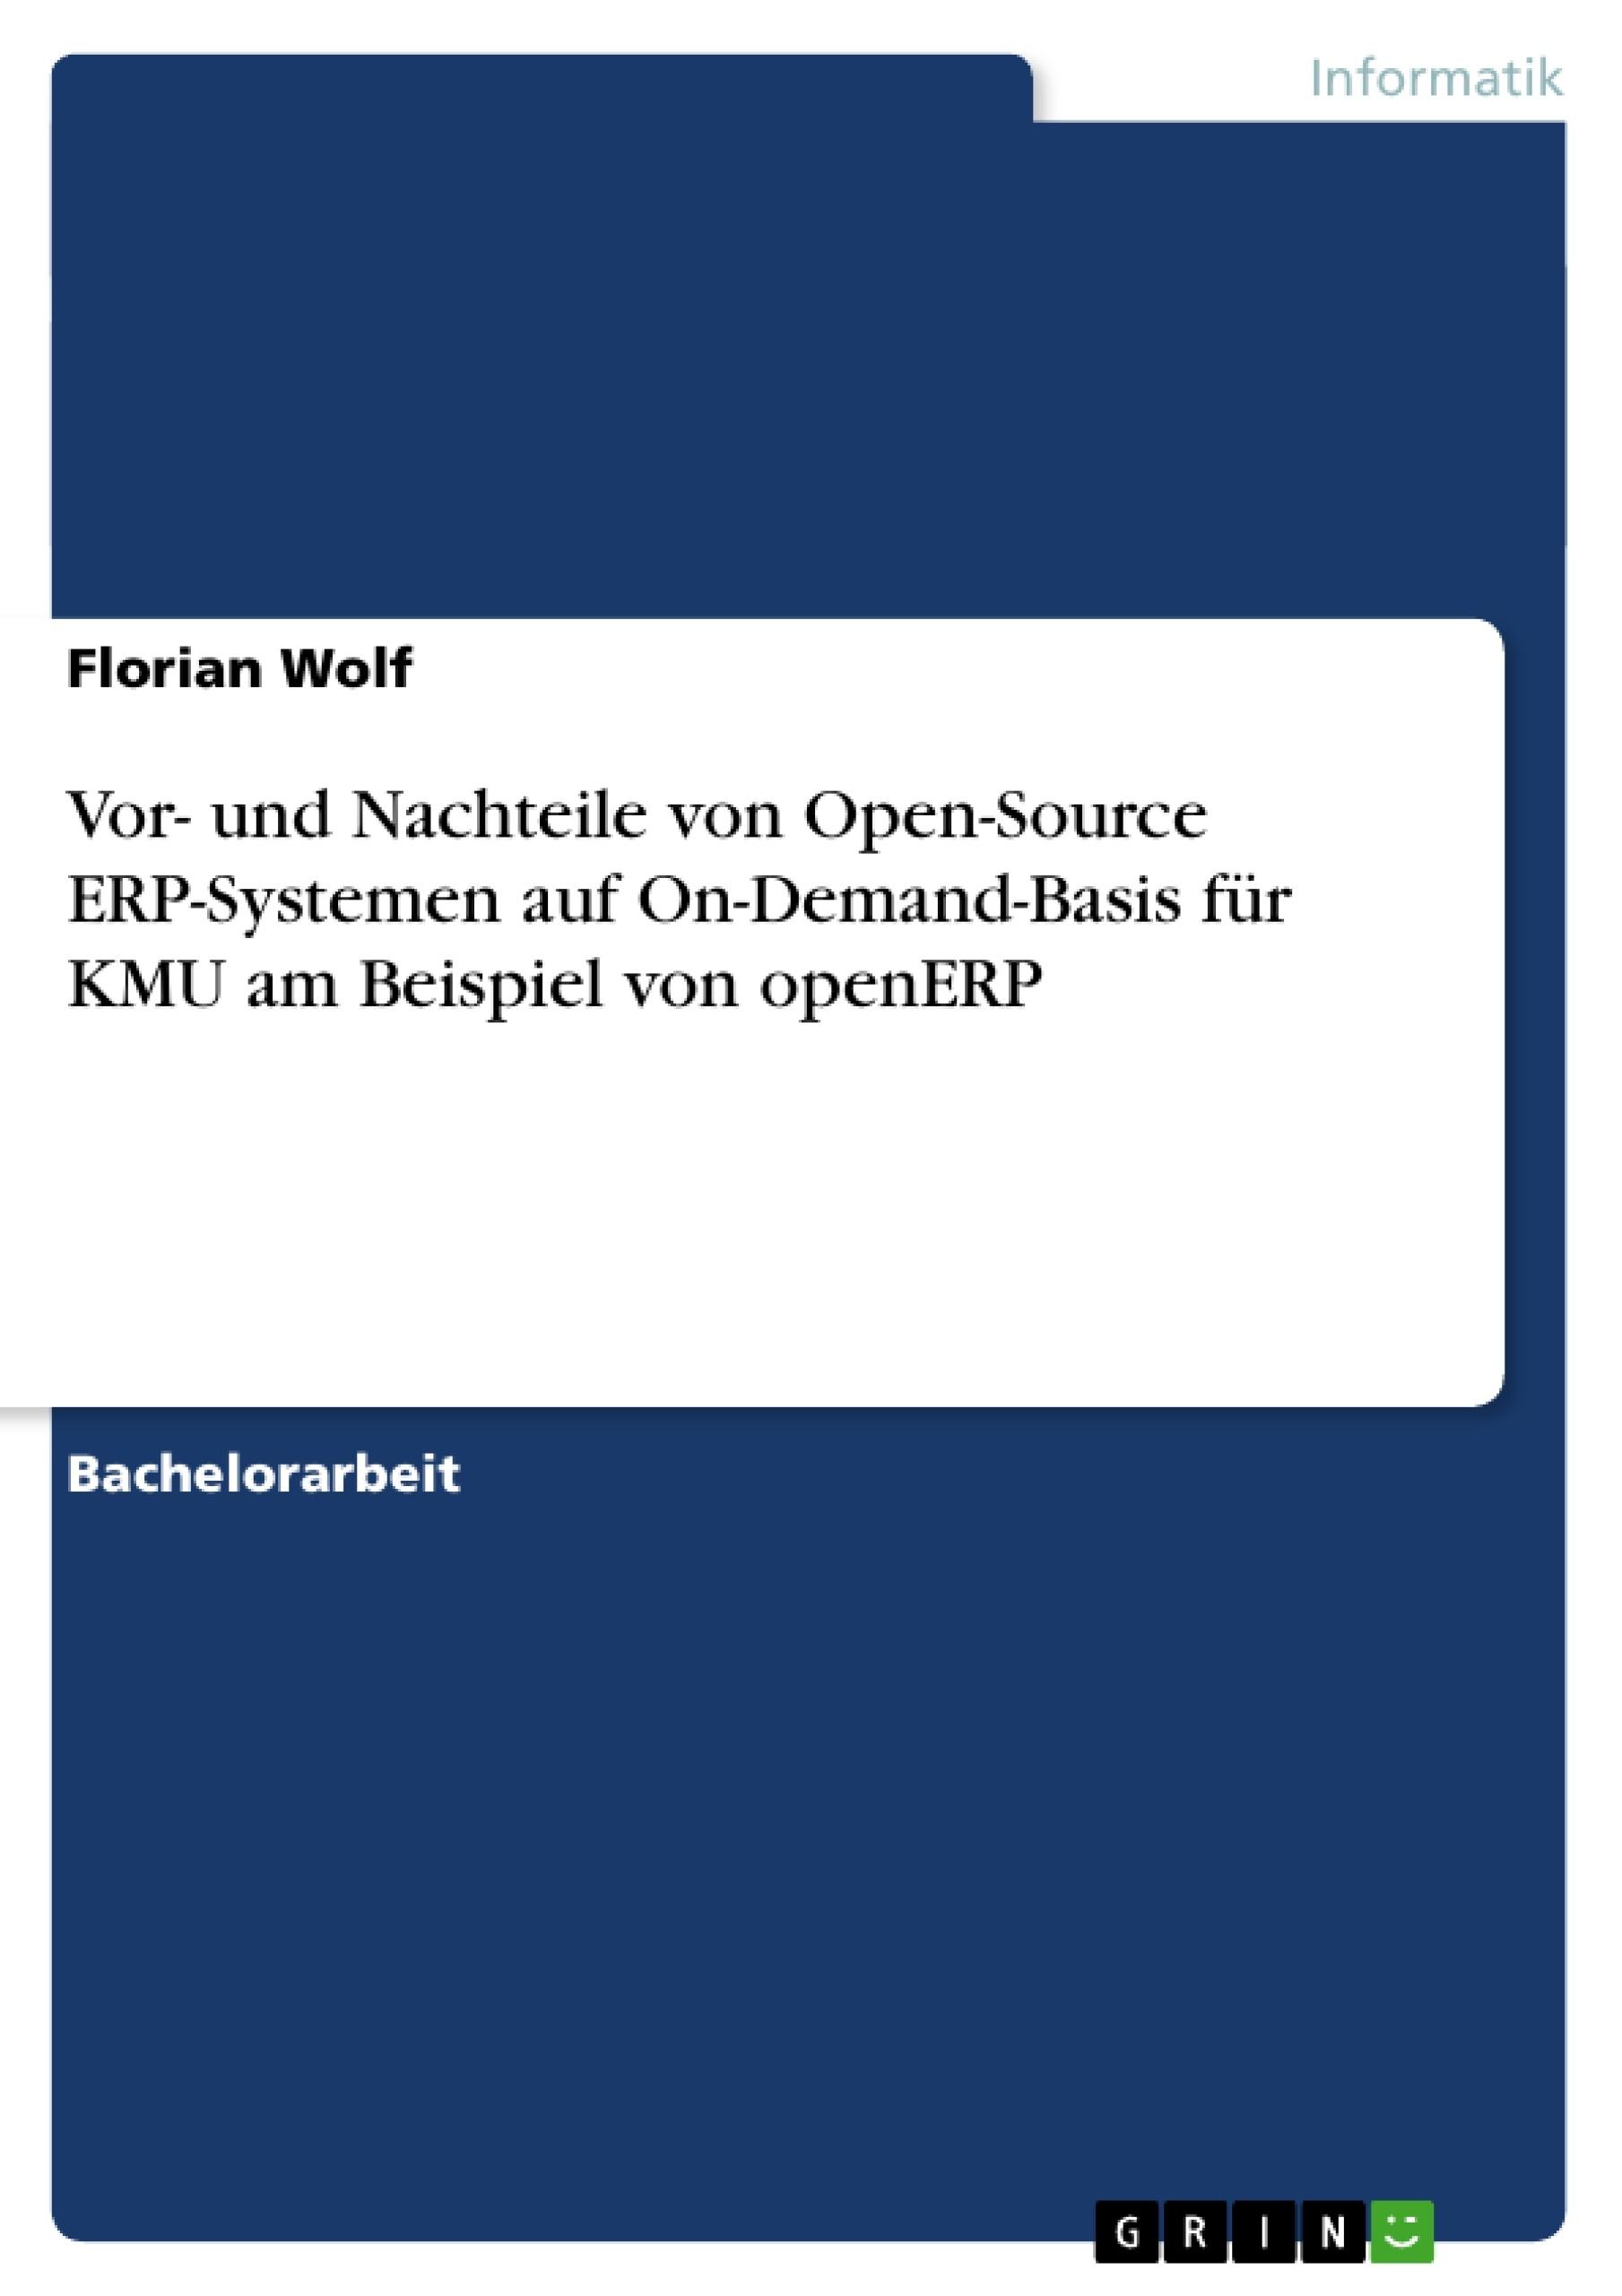 Titel: Vor- und Nachteile von Open-Source ERP-Systemen auf On-Demand-Basis für KMU am Beispiel von openERP